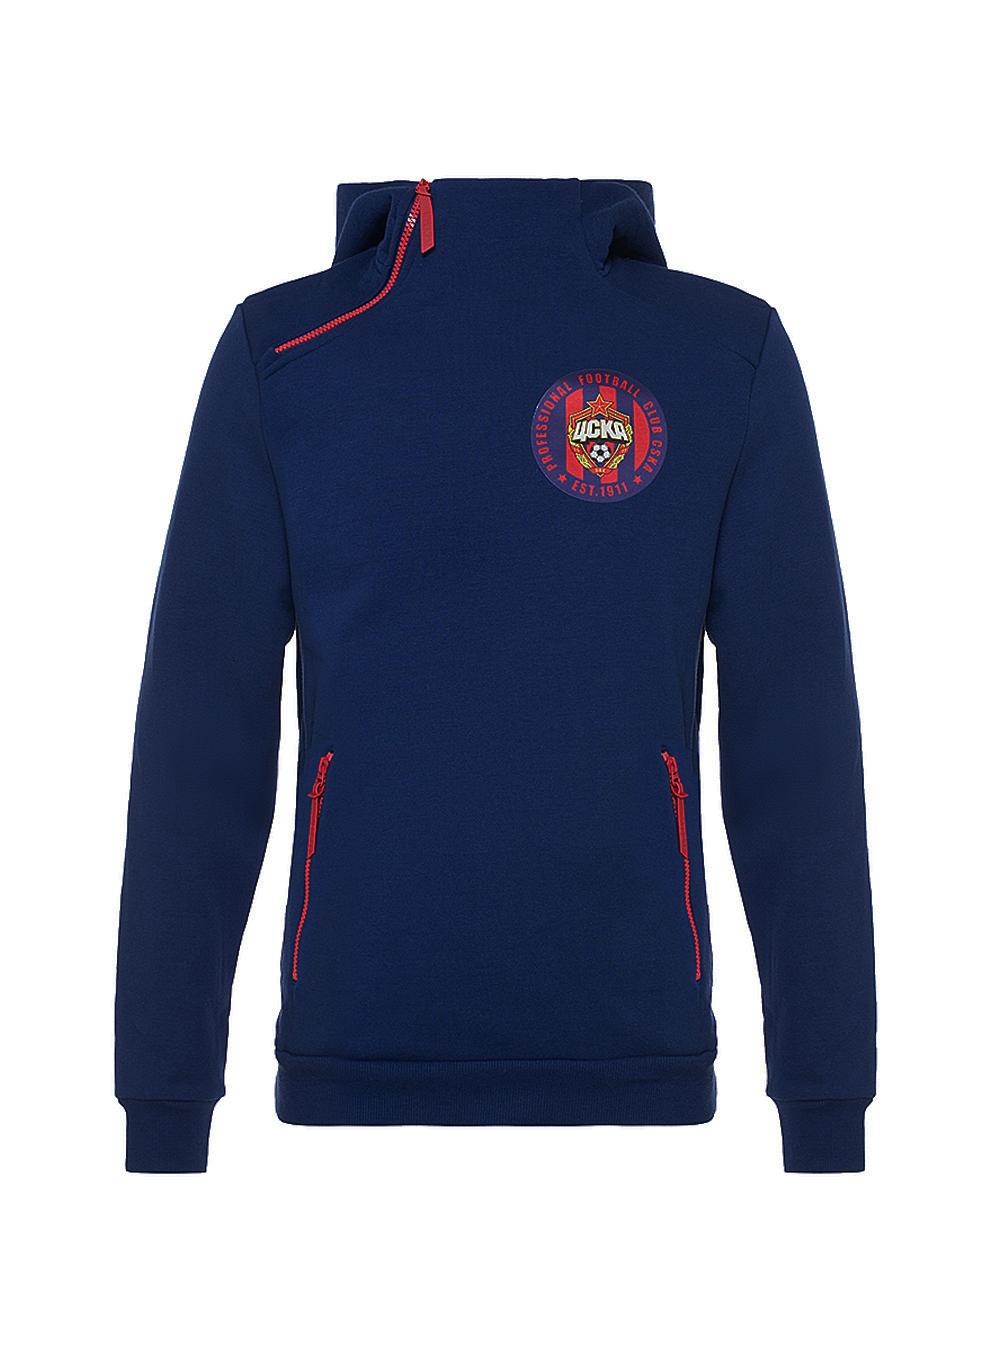 Толстовка на молнии с капюшоном PFC CSKA est 1911, цвет синий (S) фото